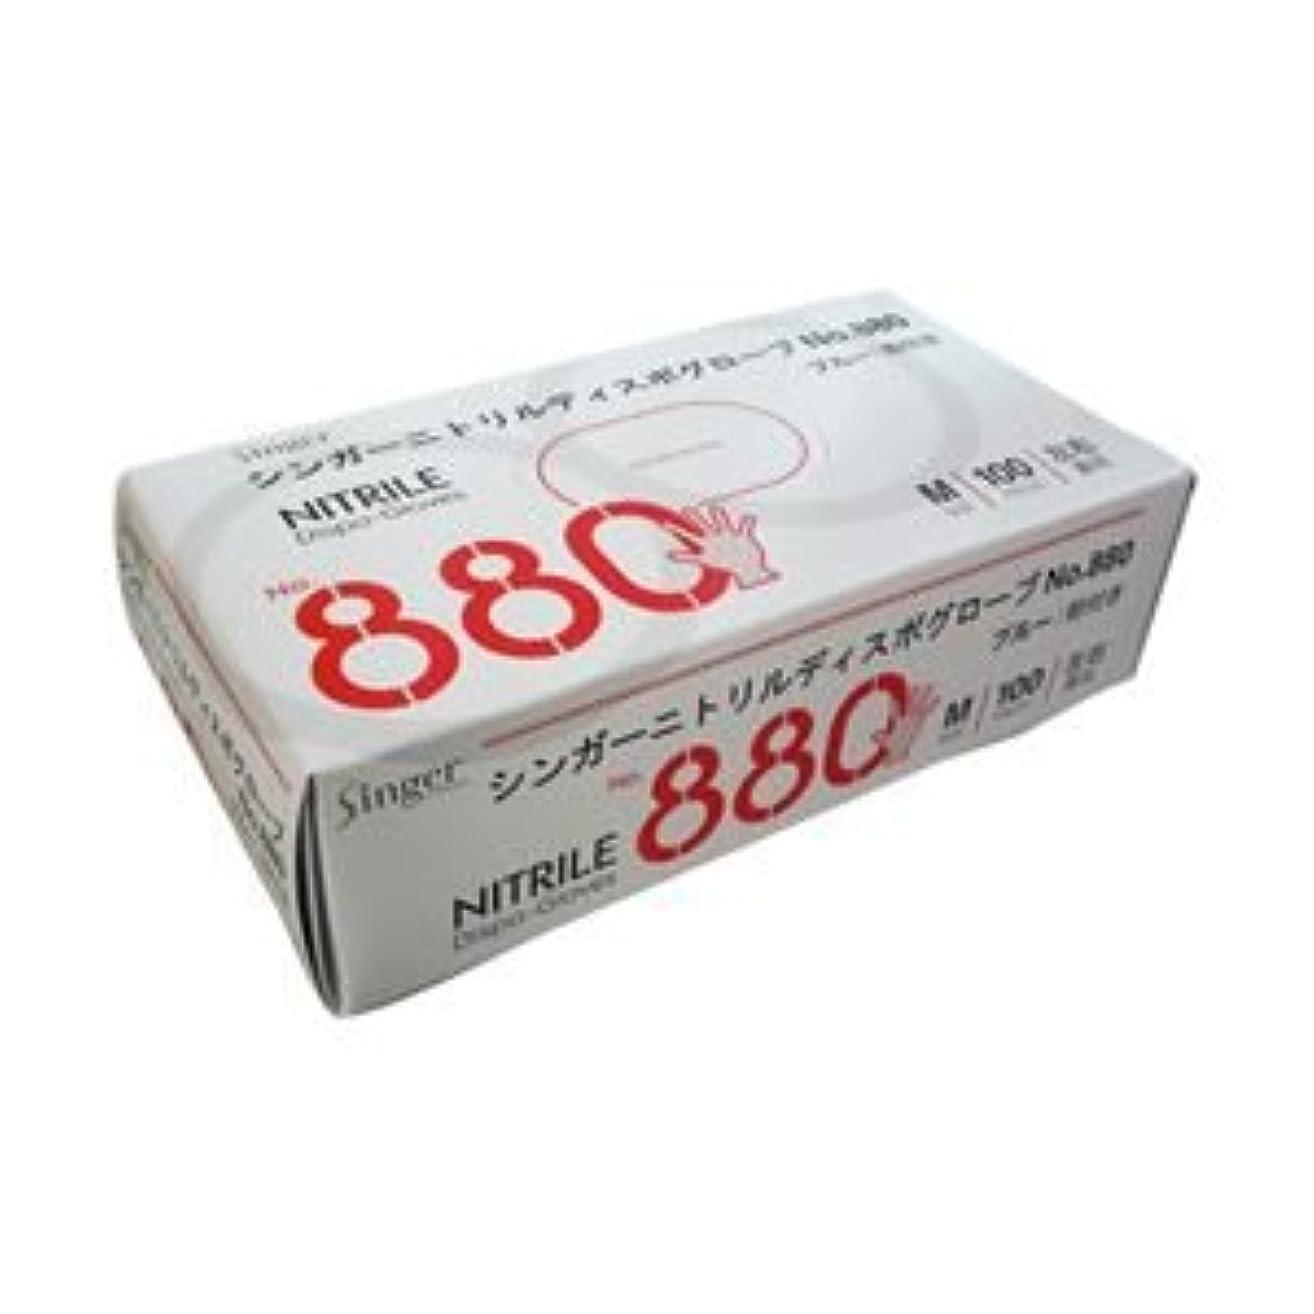 聴く生きている肌宇都宮製作 ニトリル手袋 粉付き ブルー M 1箱(100枚) ×5セット